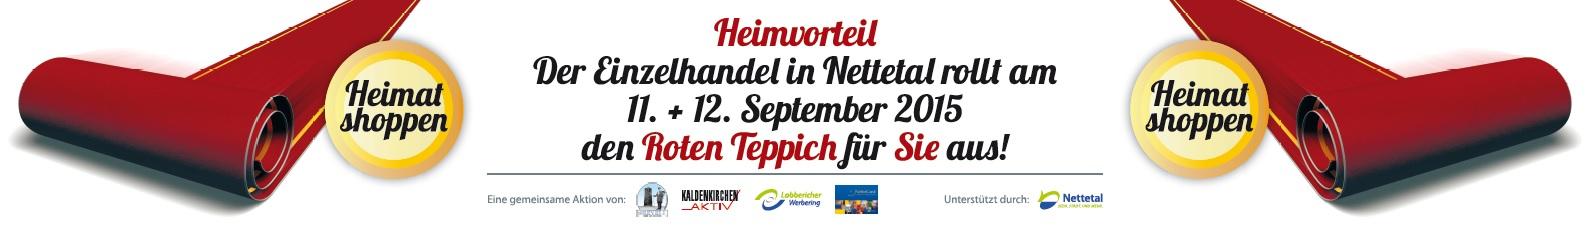 Banner Nettetal